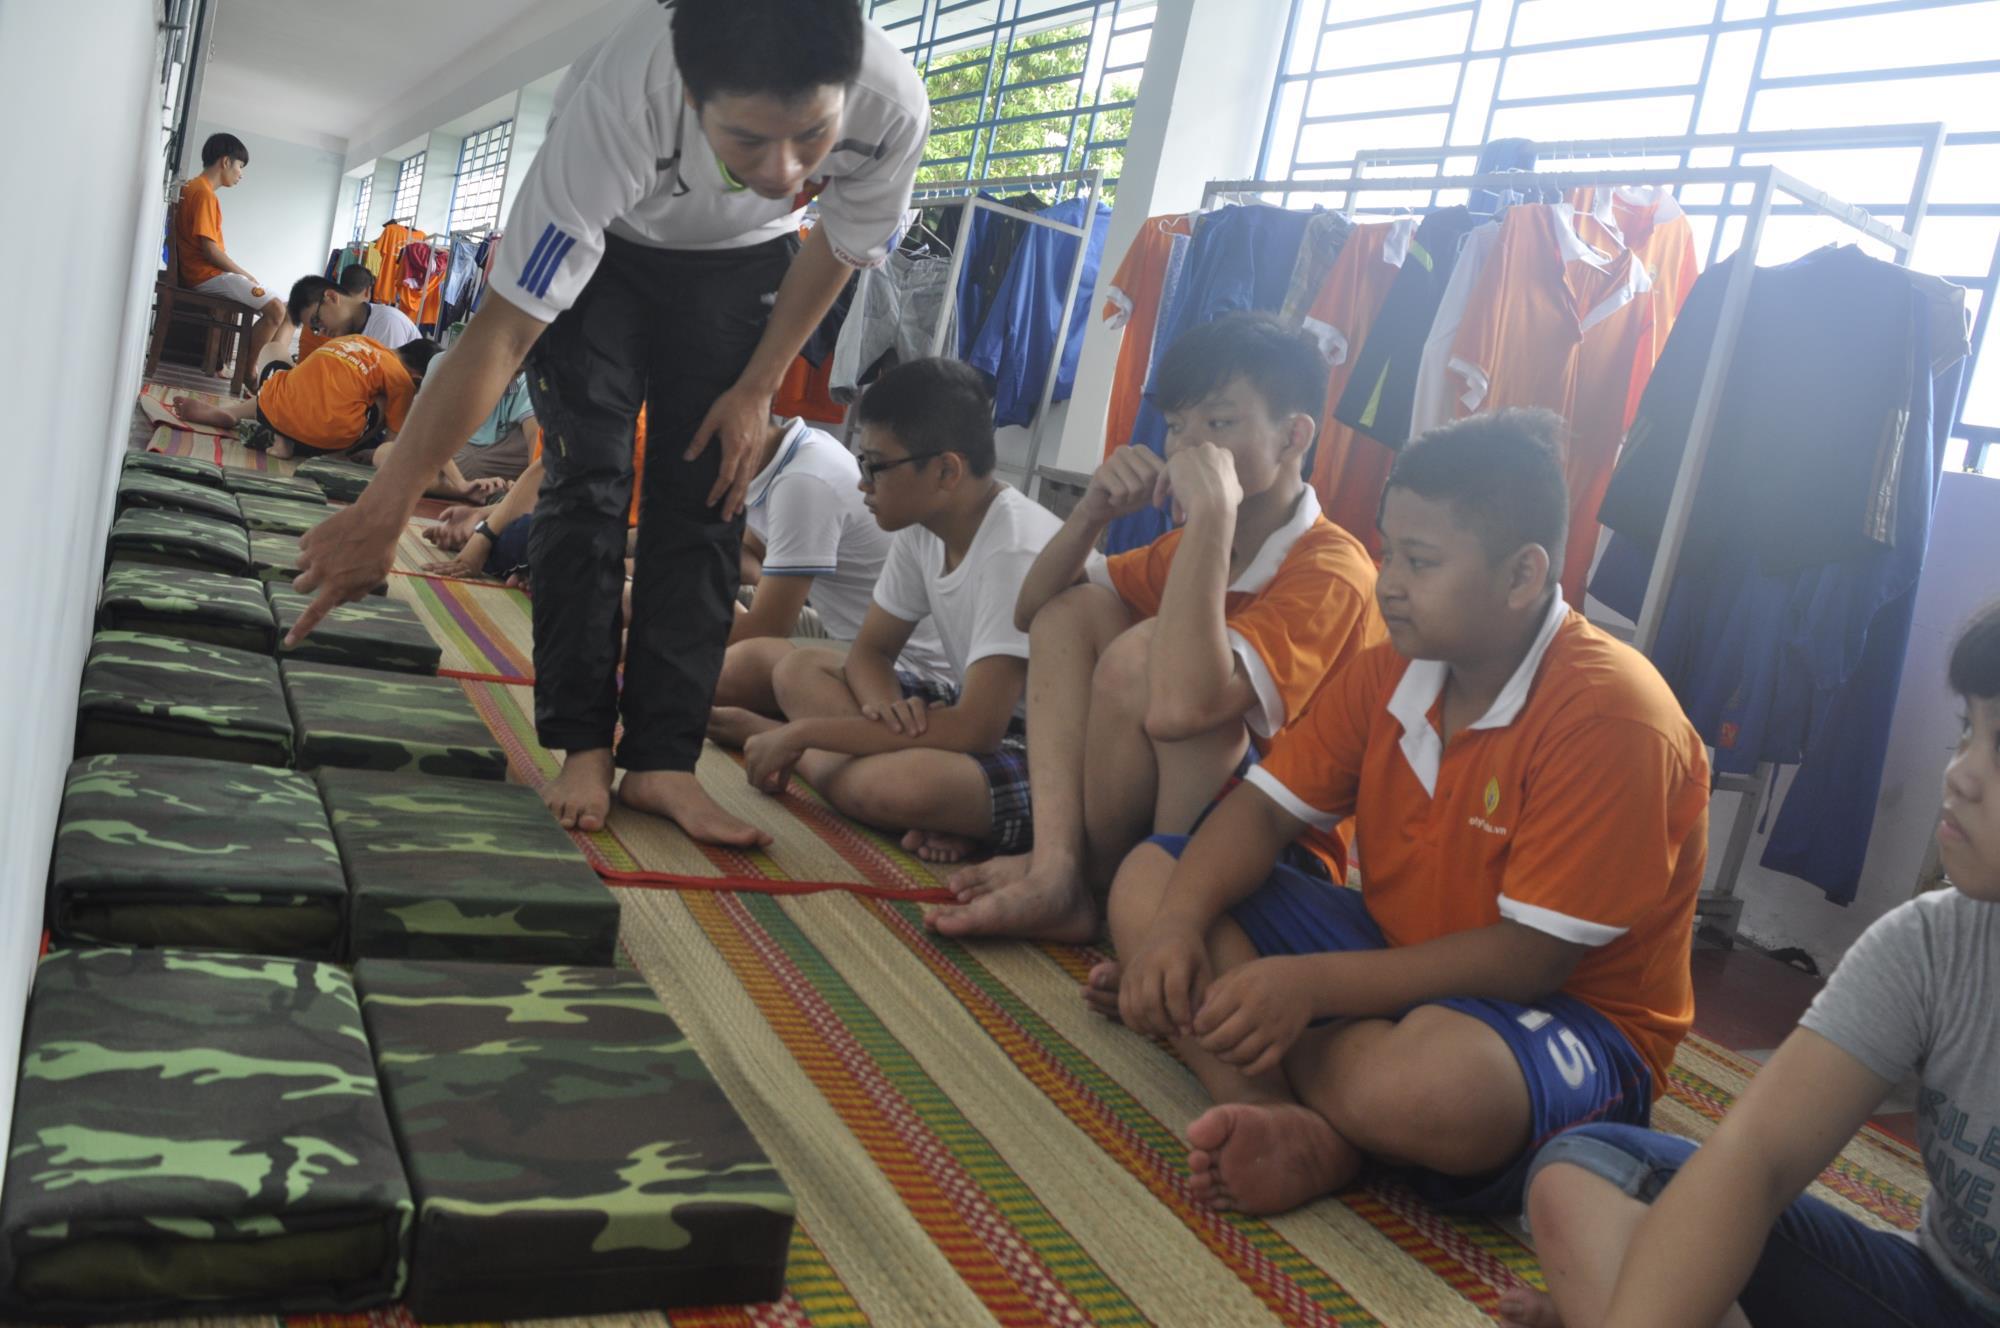 Ghé thăm ngôi trường kỳ lạ nhất Việt Nam: Mẹ rơi nước mắt khi thấy con thay đổi hoàn toàn - Ảnh 11